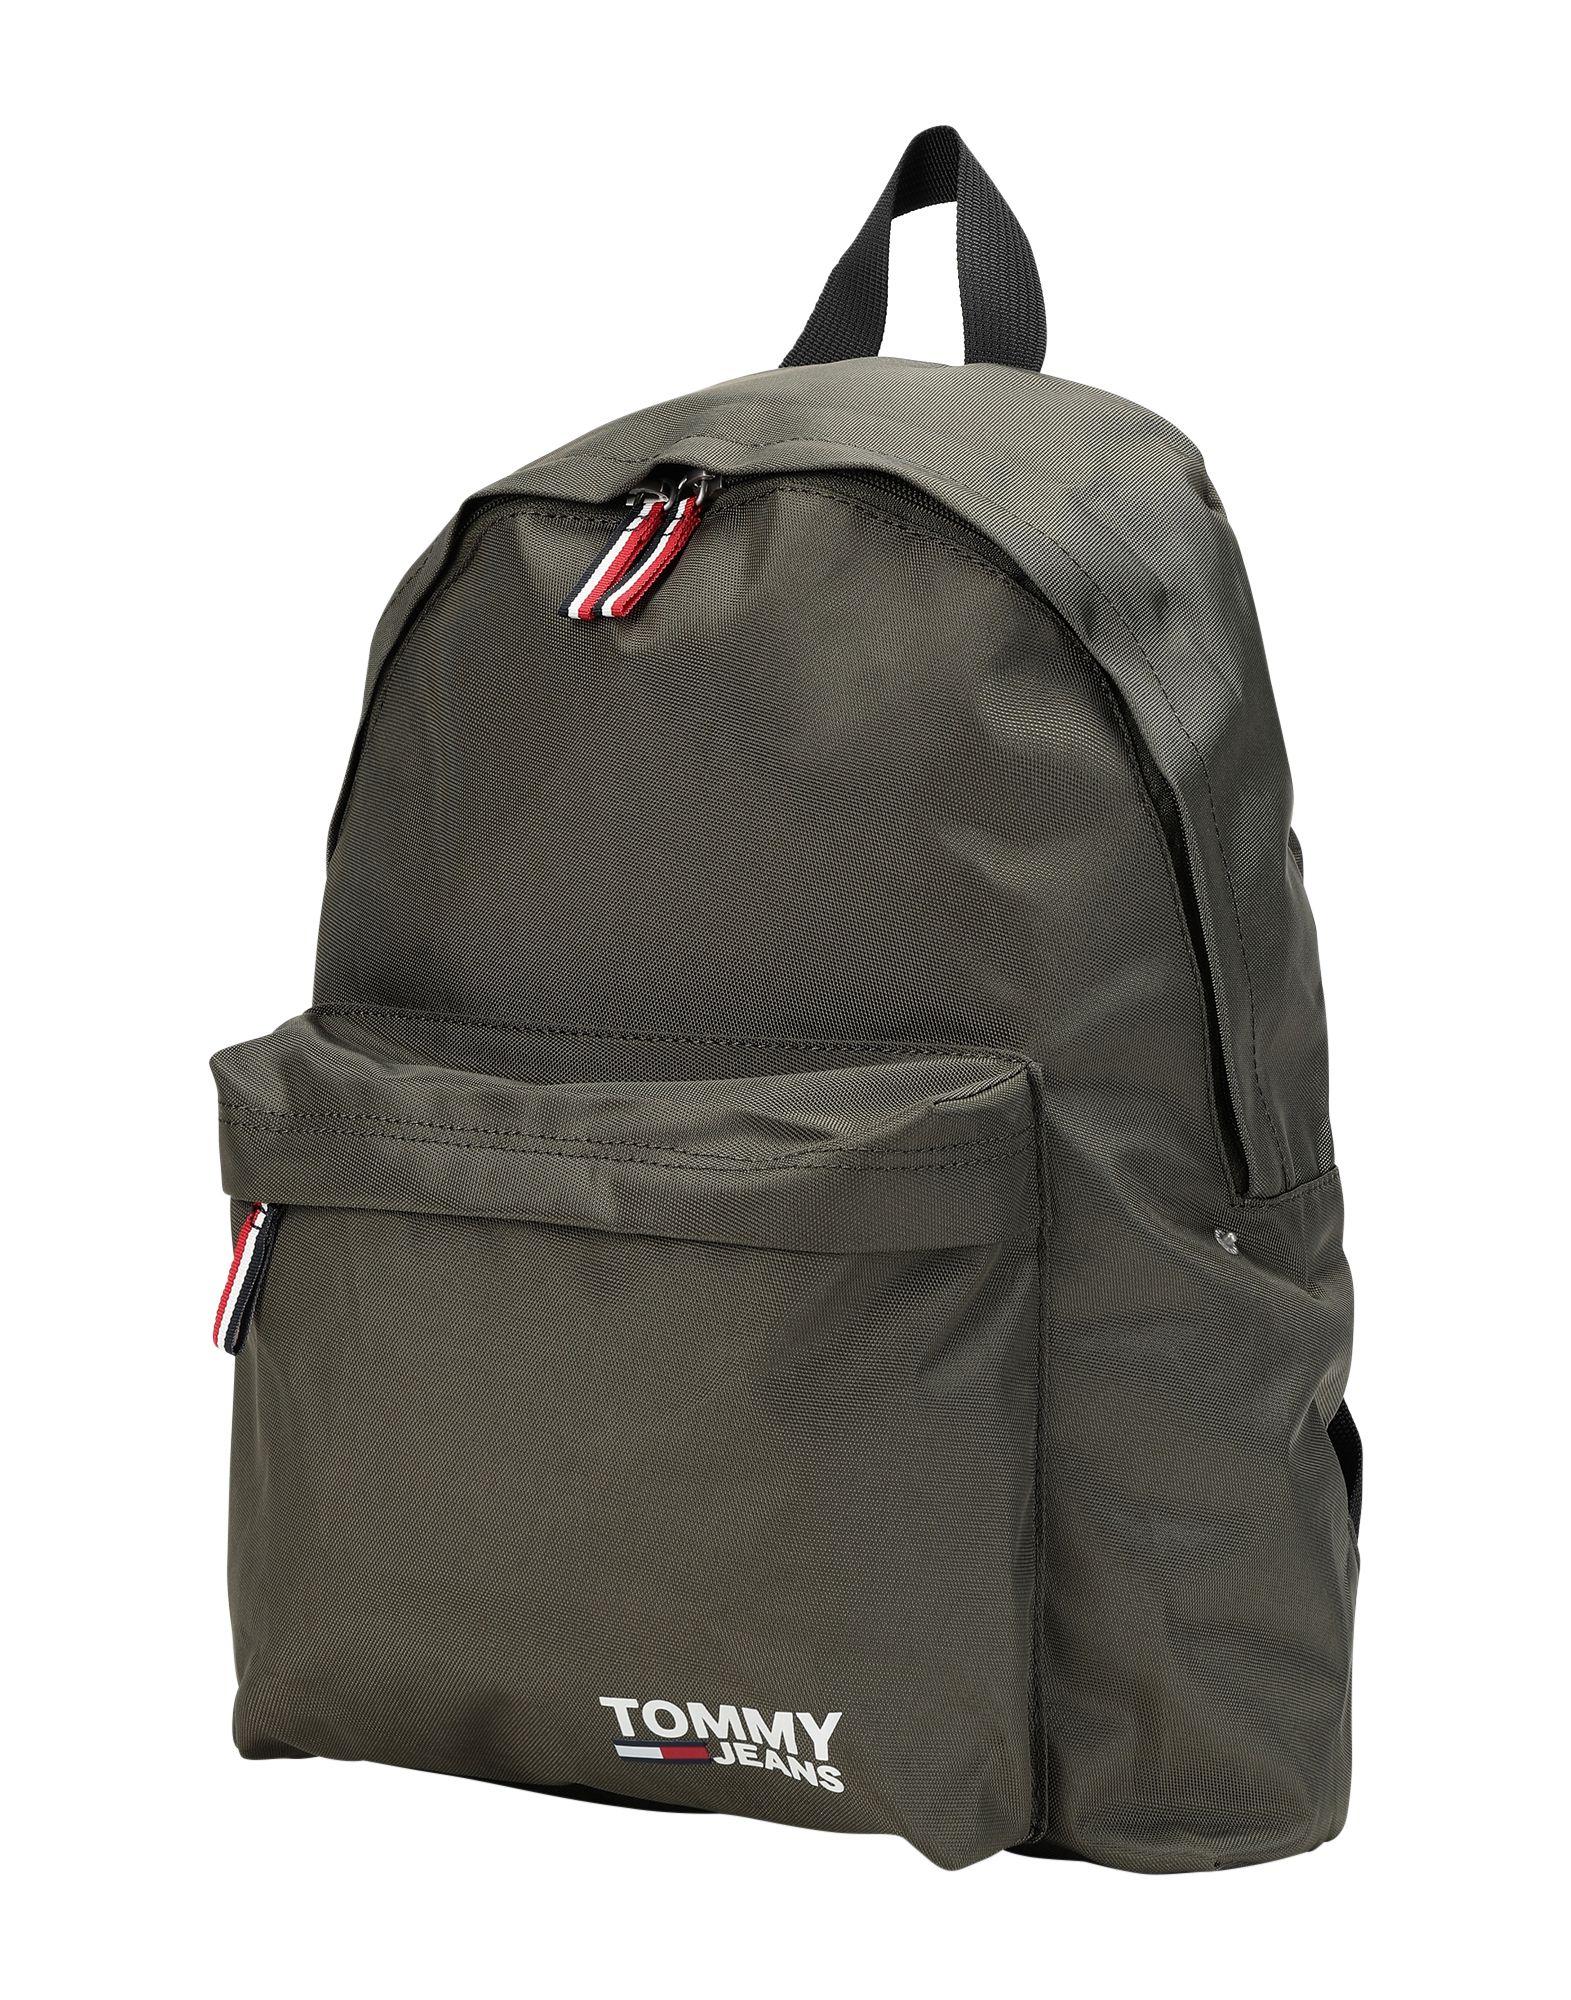 TOMMY JEANS Рюкзаки и сумки на пояс tommy jeans рюкзаки и сумки на пояс